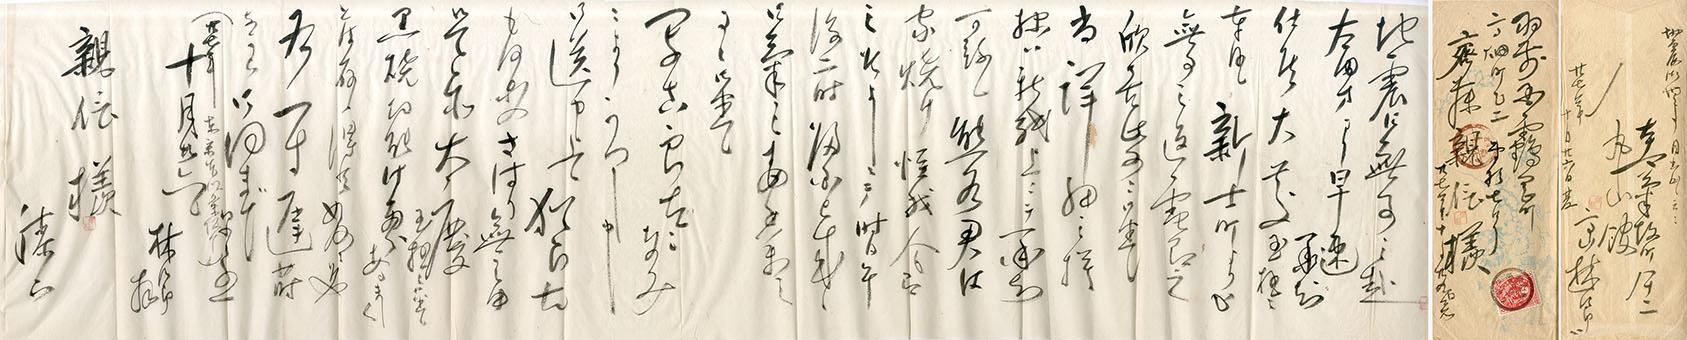 高山樗牛書簡/